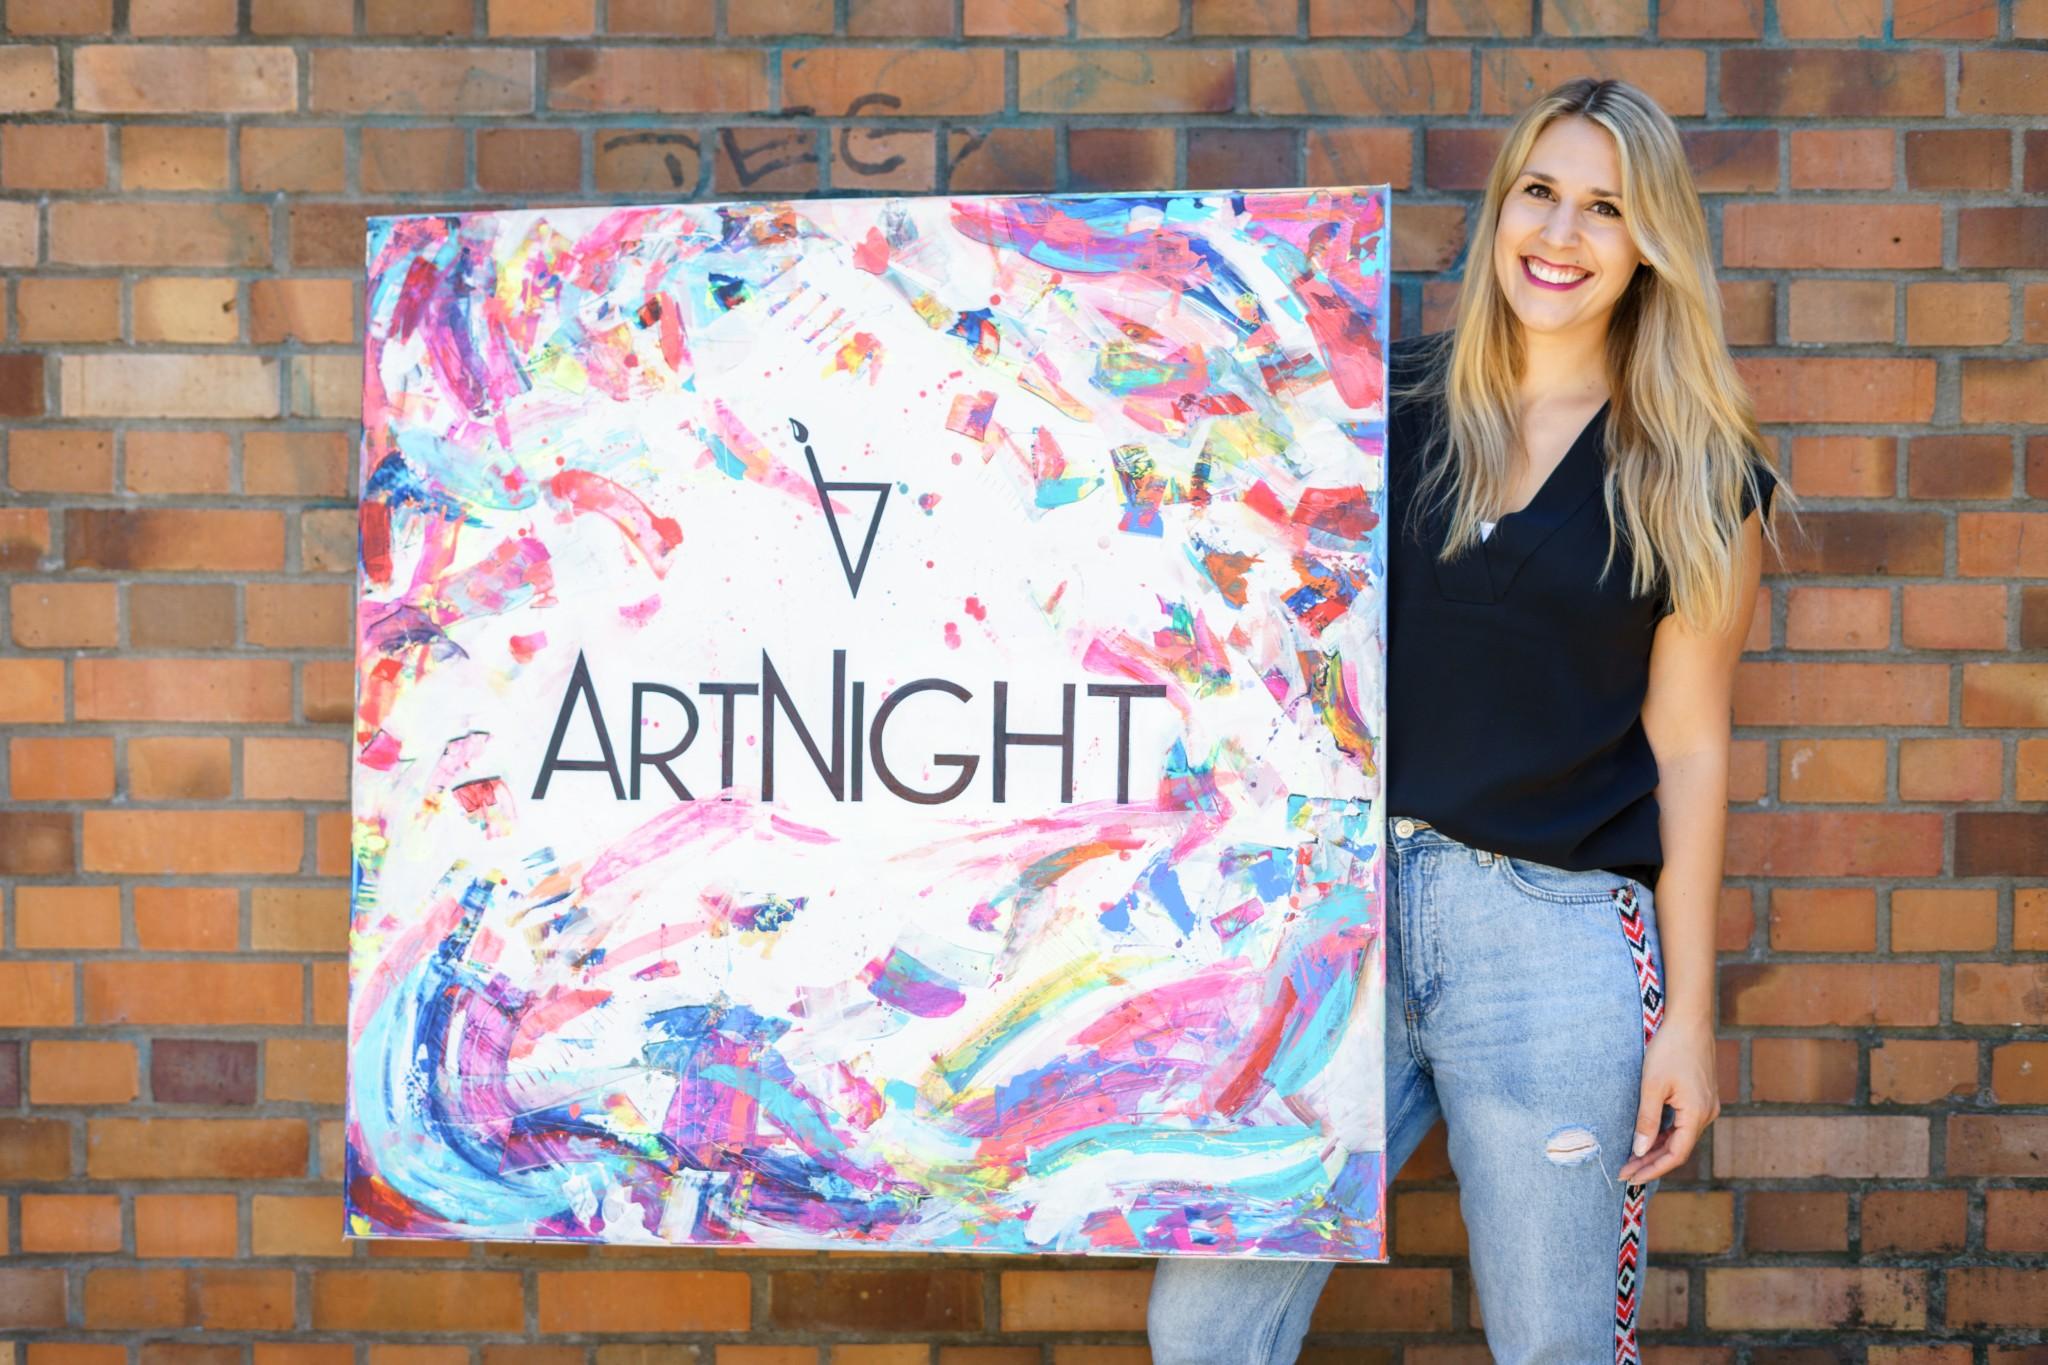 Dein erfolgreiches Unternehmen gründen – Interview mit Aimie Carstensen-Henze